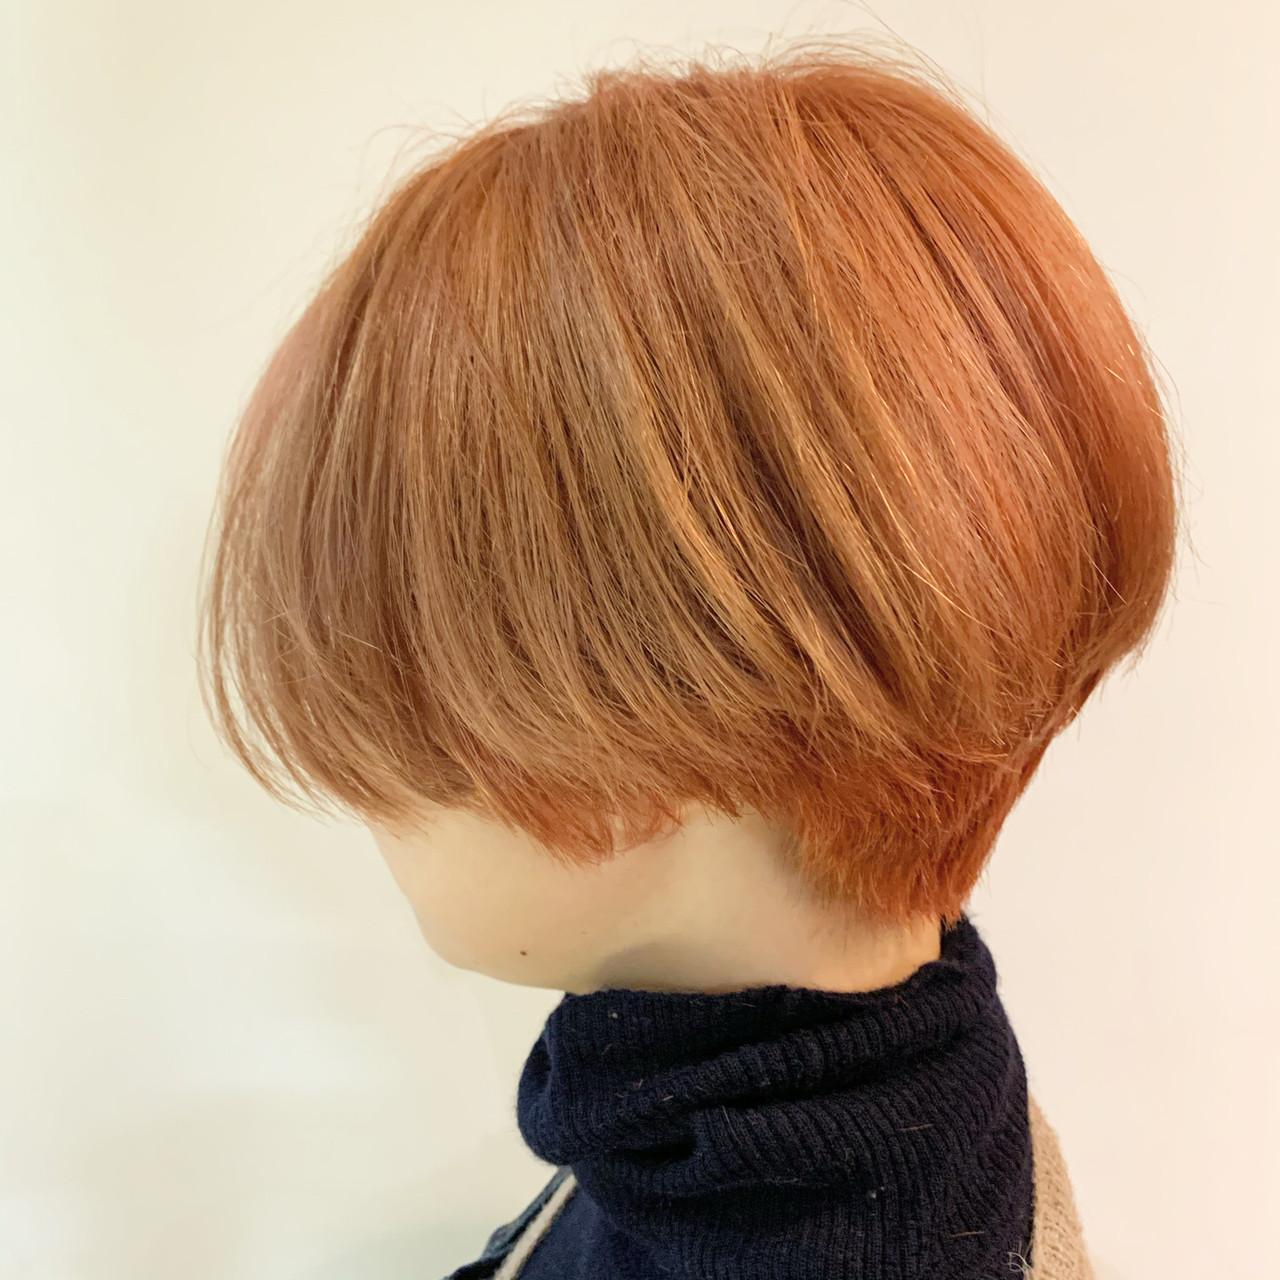 オレンジ ショートヘア ショート アプリコットオレンジ ヘアスタイルや髪型の写真・画像 | 谷川 健太 / ROVERSI